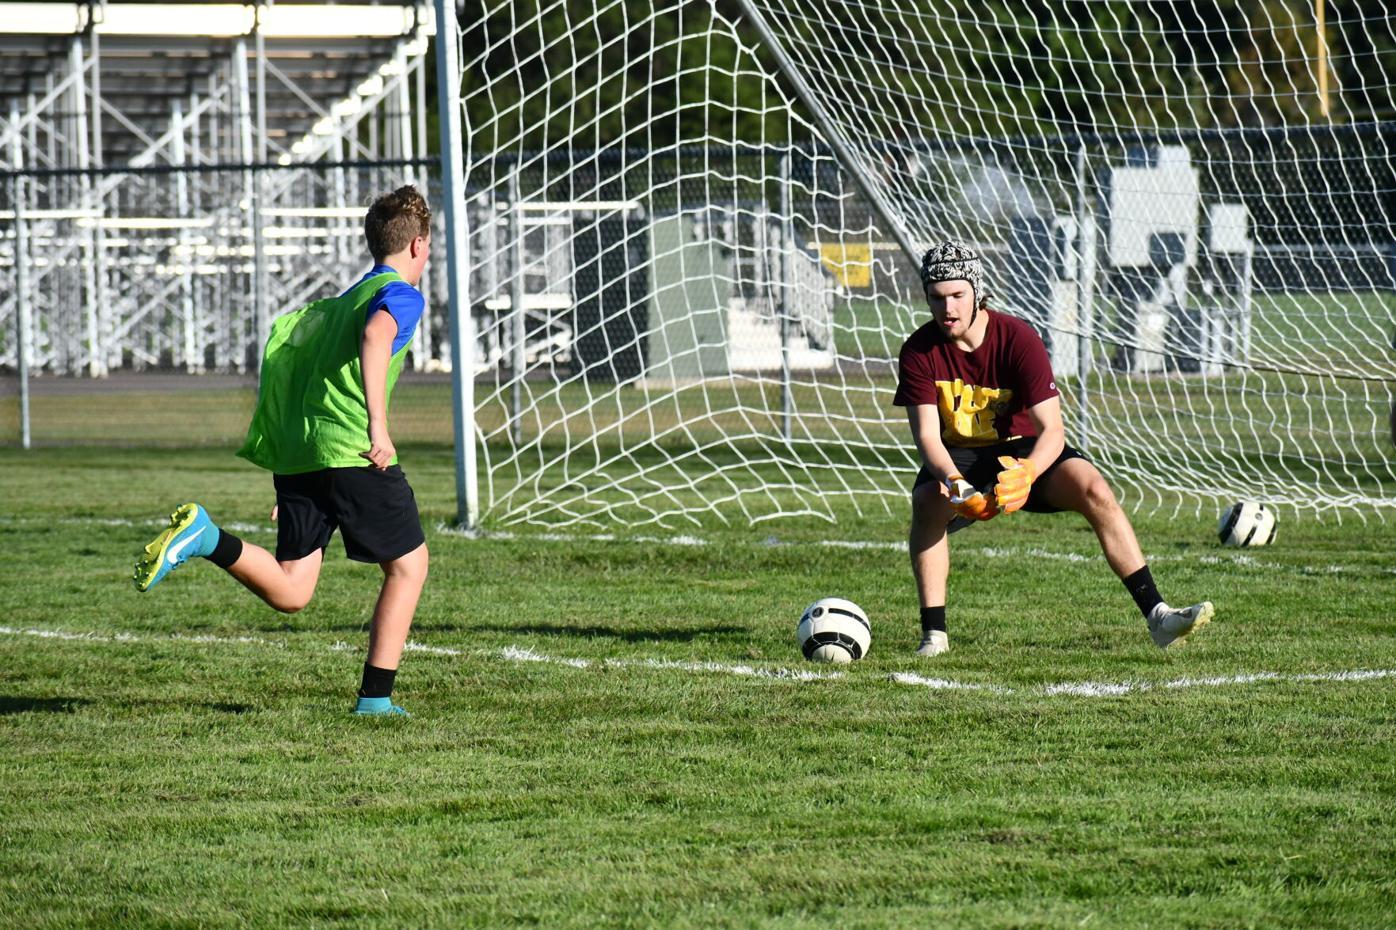 soccer practice 2.JPG